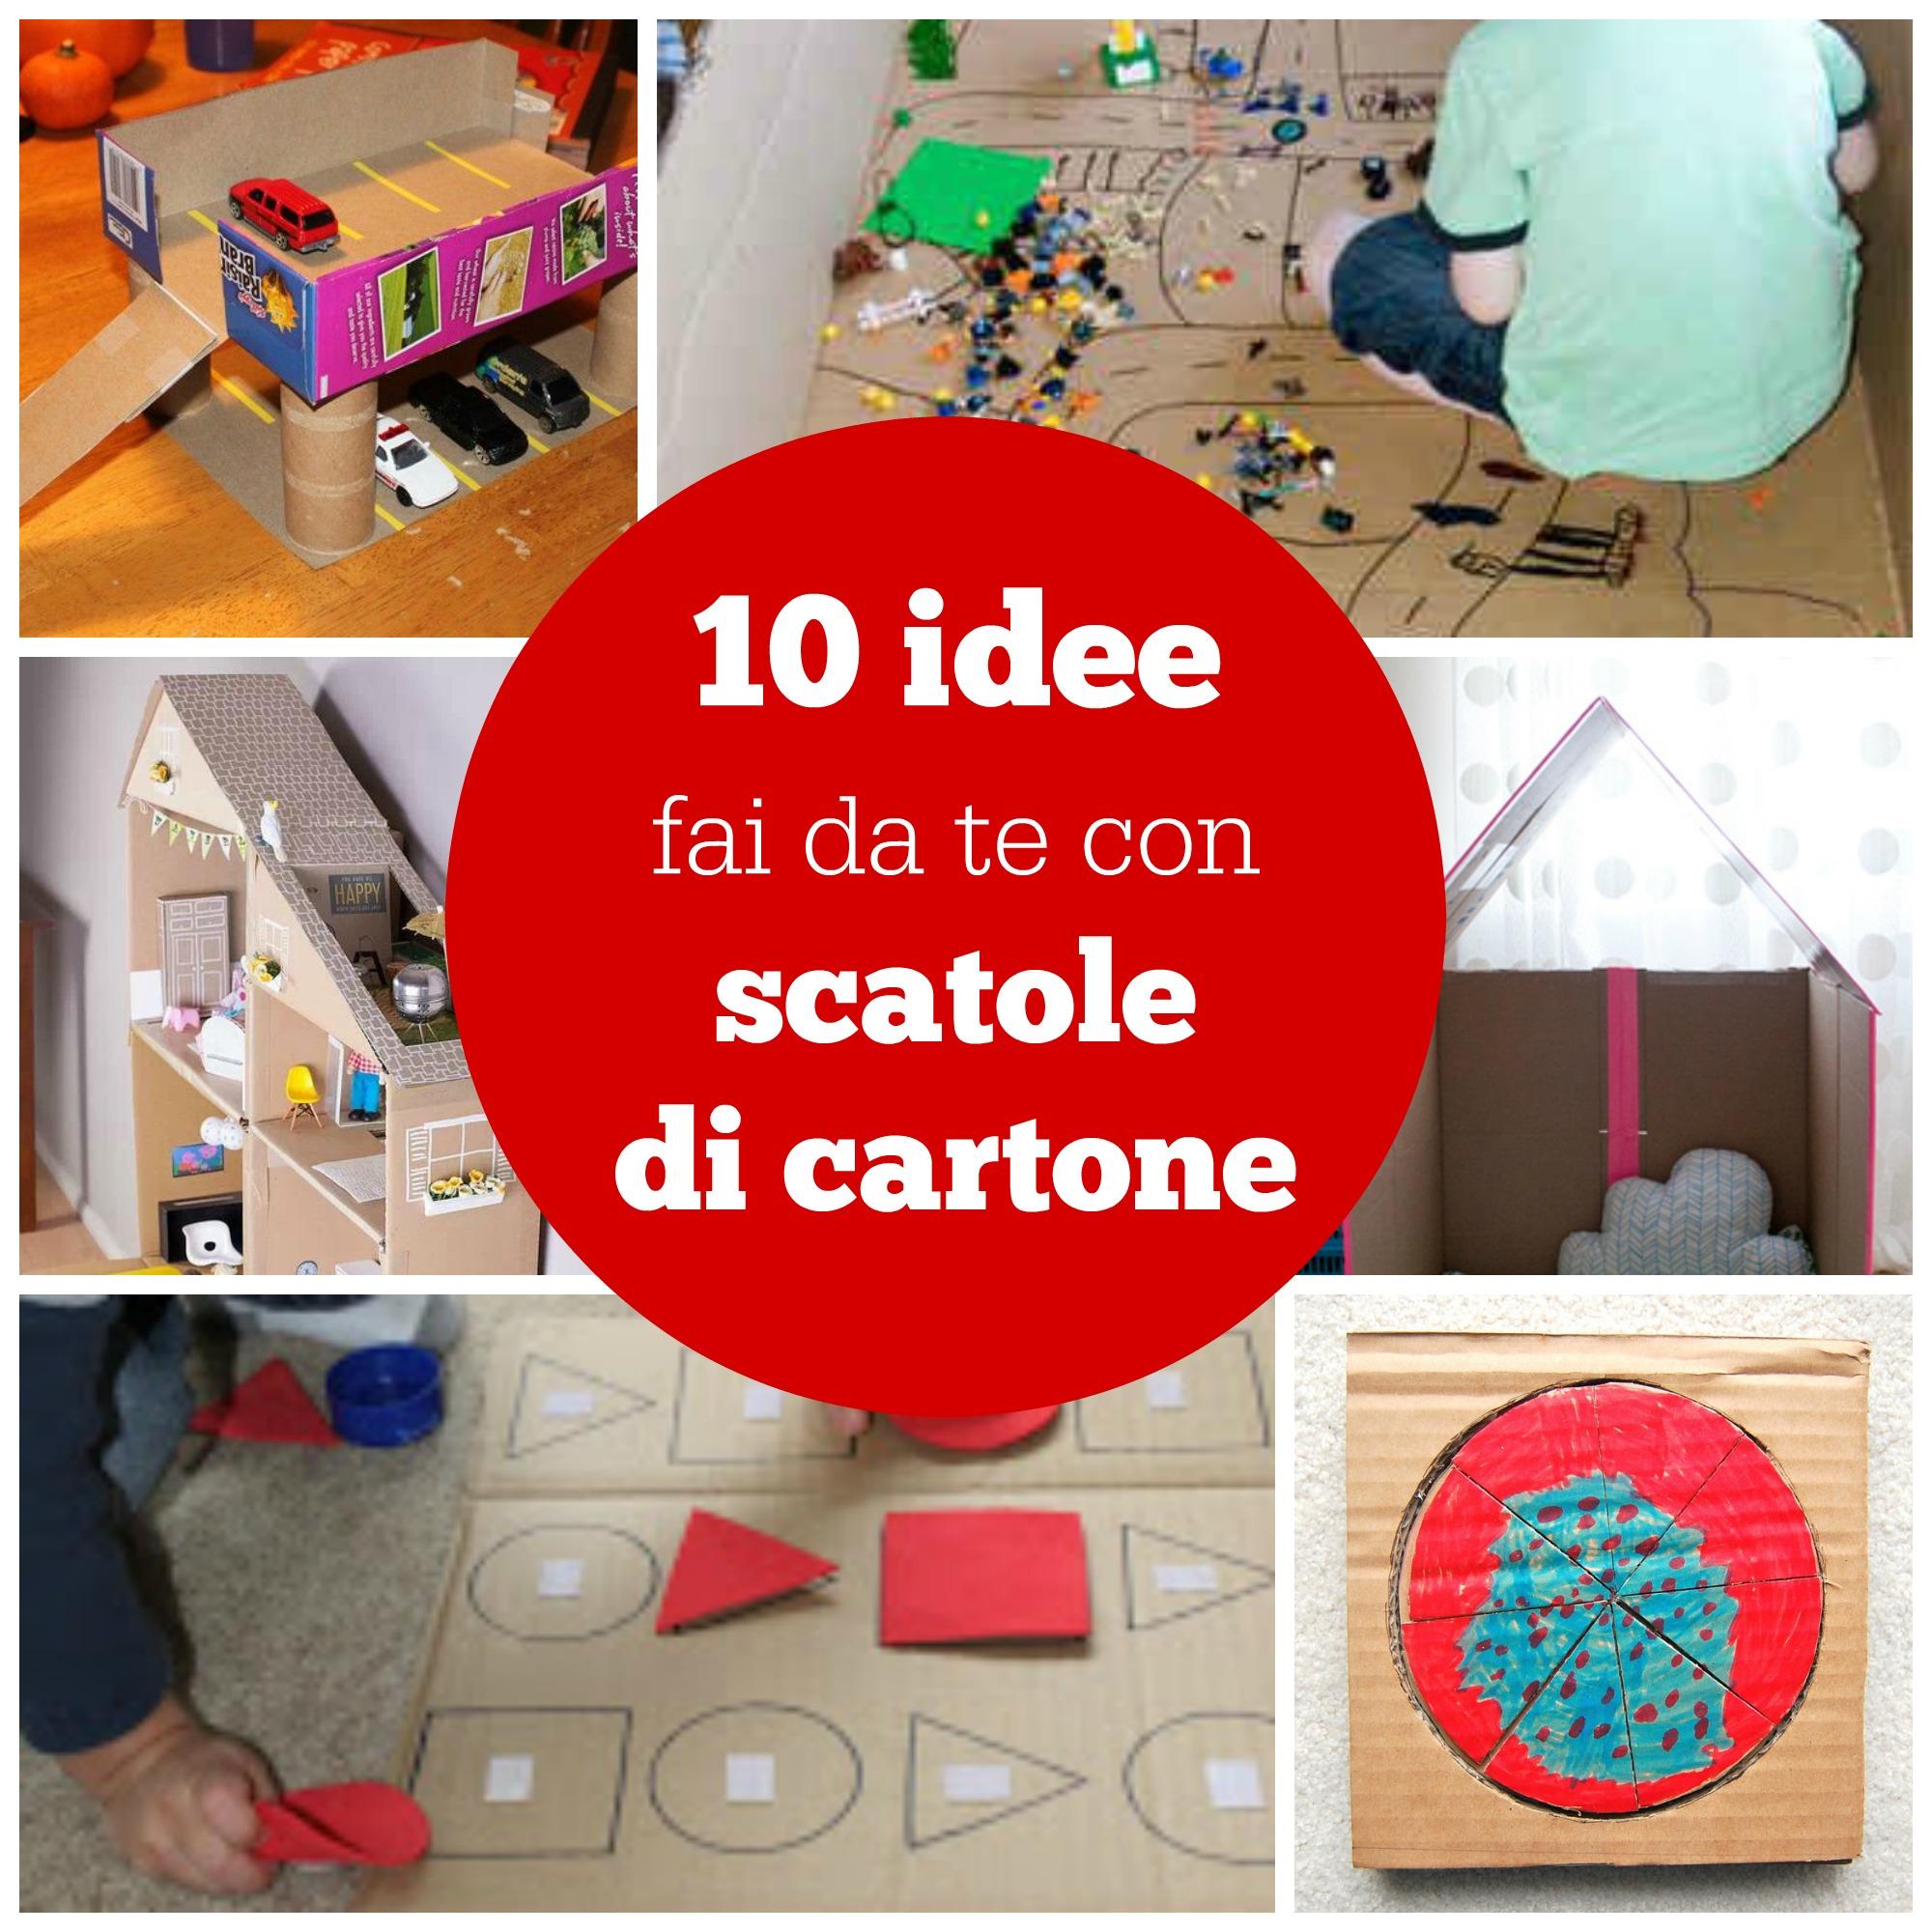 10 idee fai da te con scatole di cartone babygreen - Idee fai da te casa ...